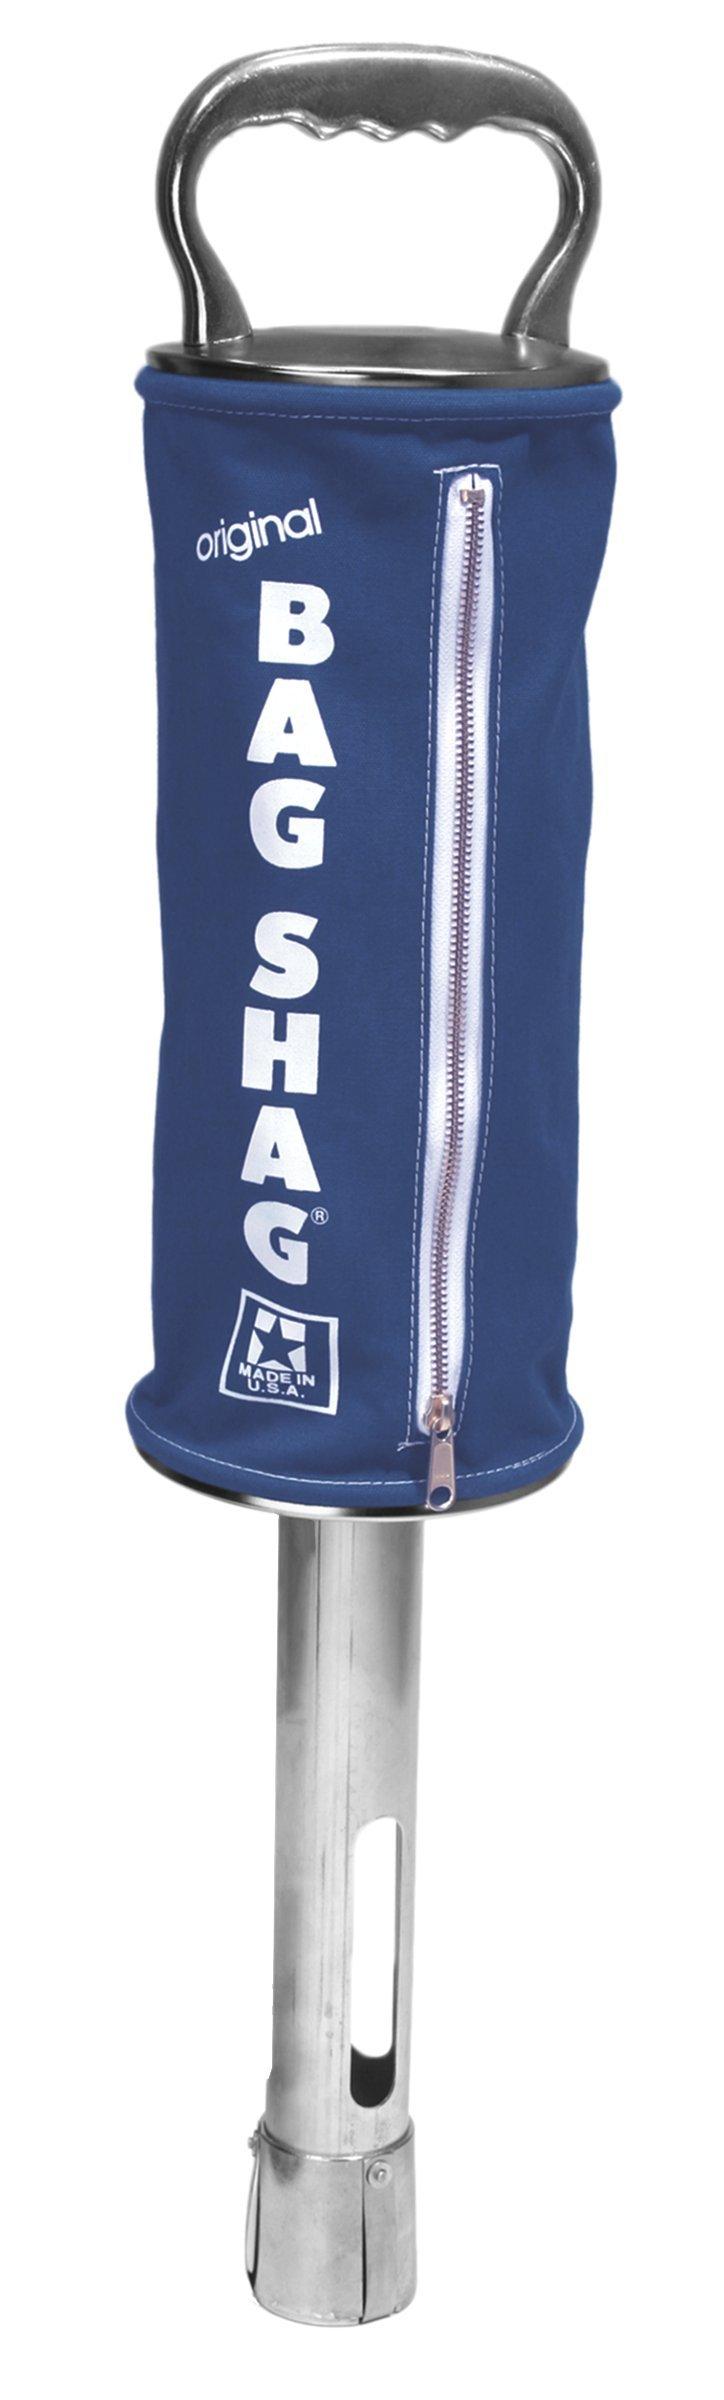 The Original Bag Shag (Blue) by The Original Bag Shag (Blue)